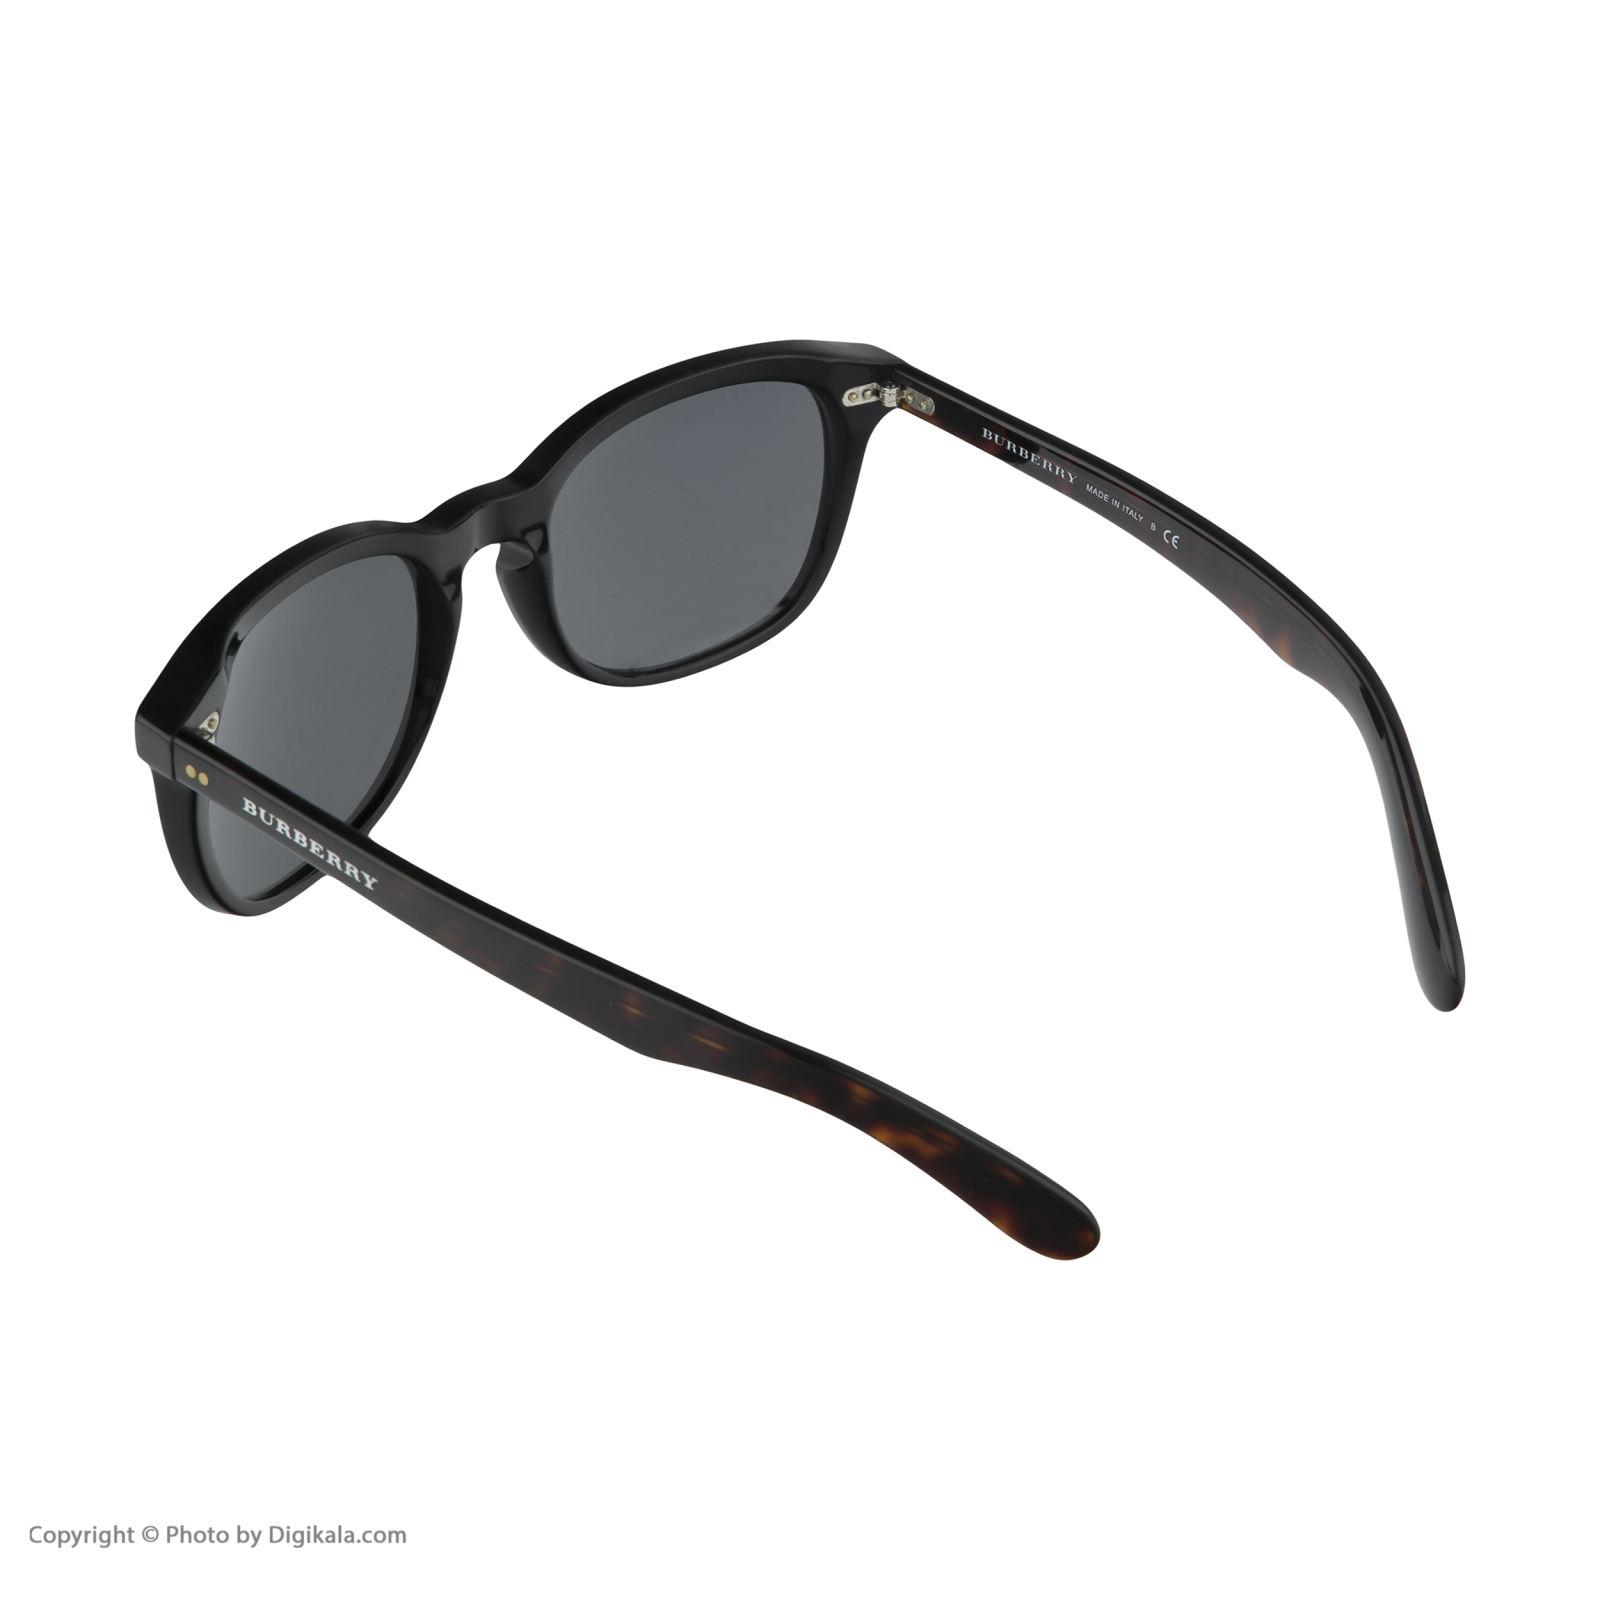 عینک آفتابی مردانه بربری مدل BE 4214S 355487 55 -  - 5